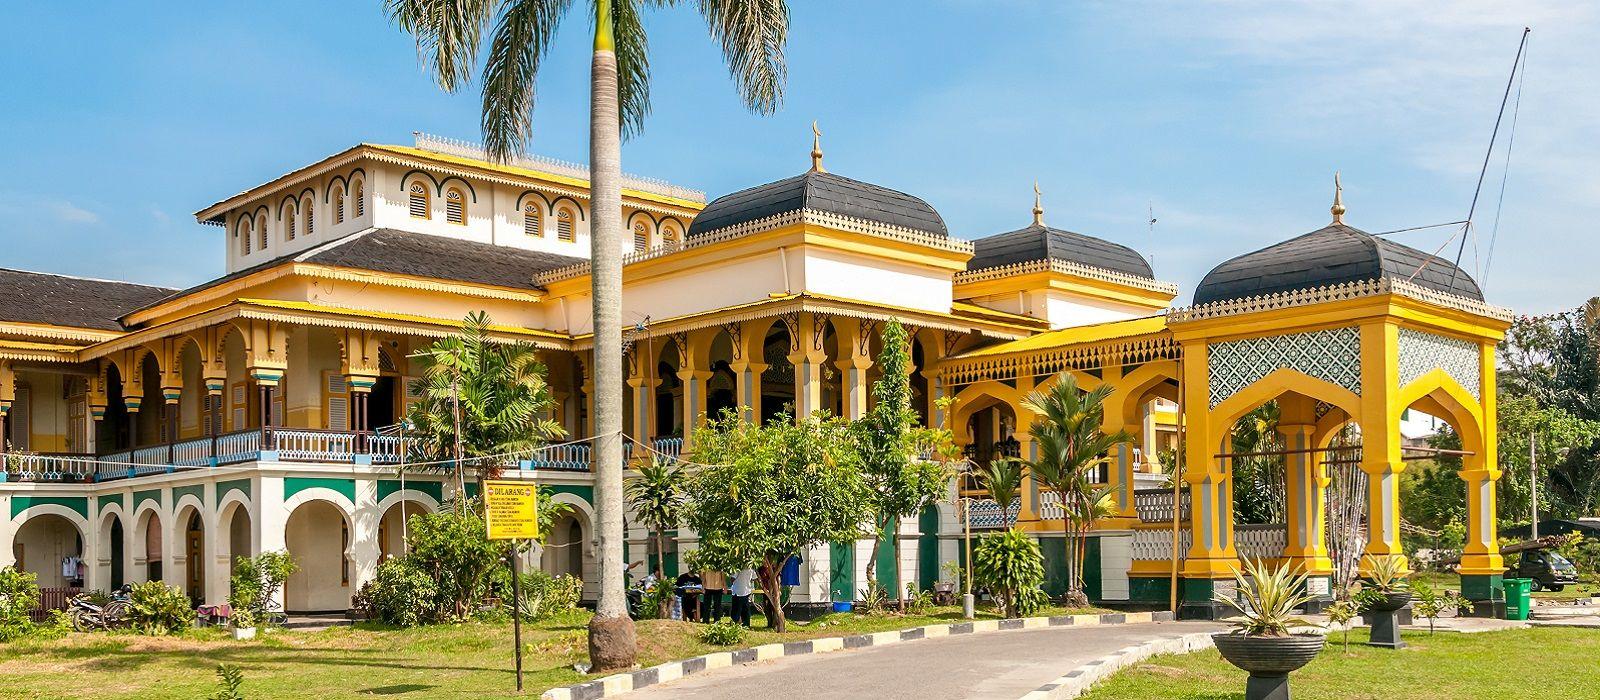 Reiseziel Medan Indonesien